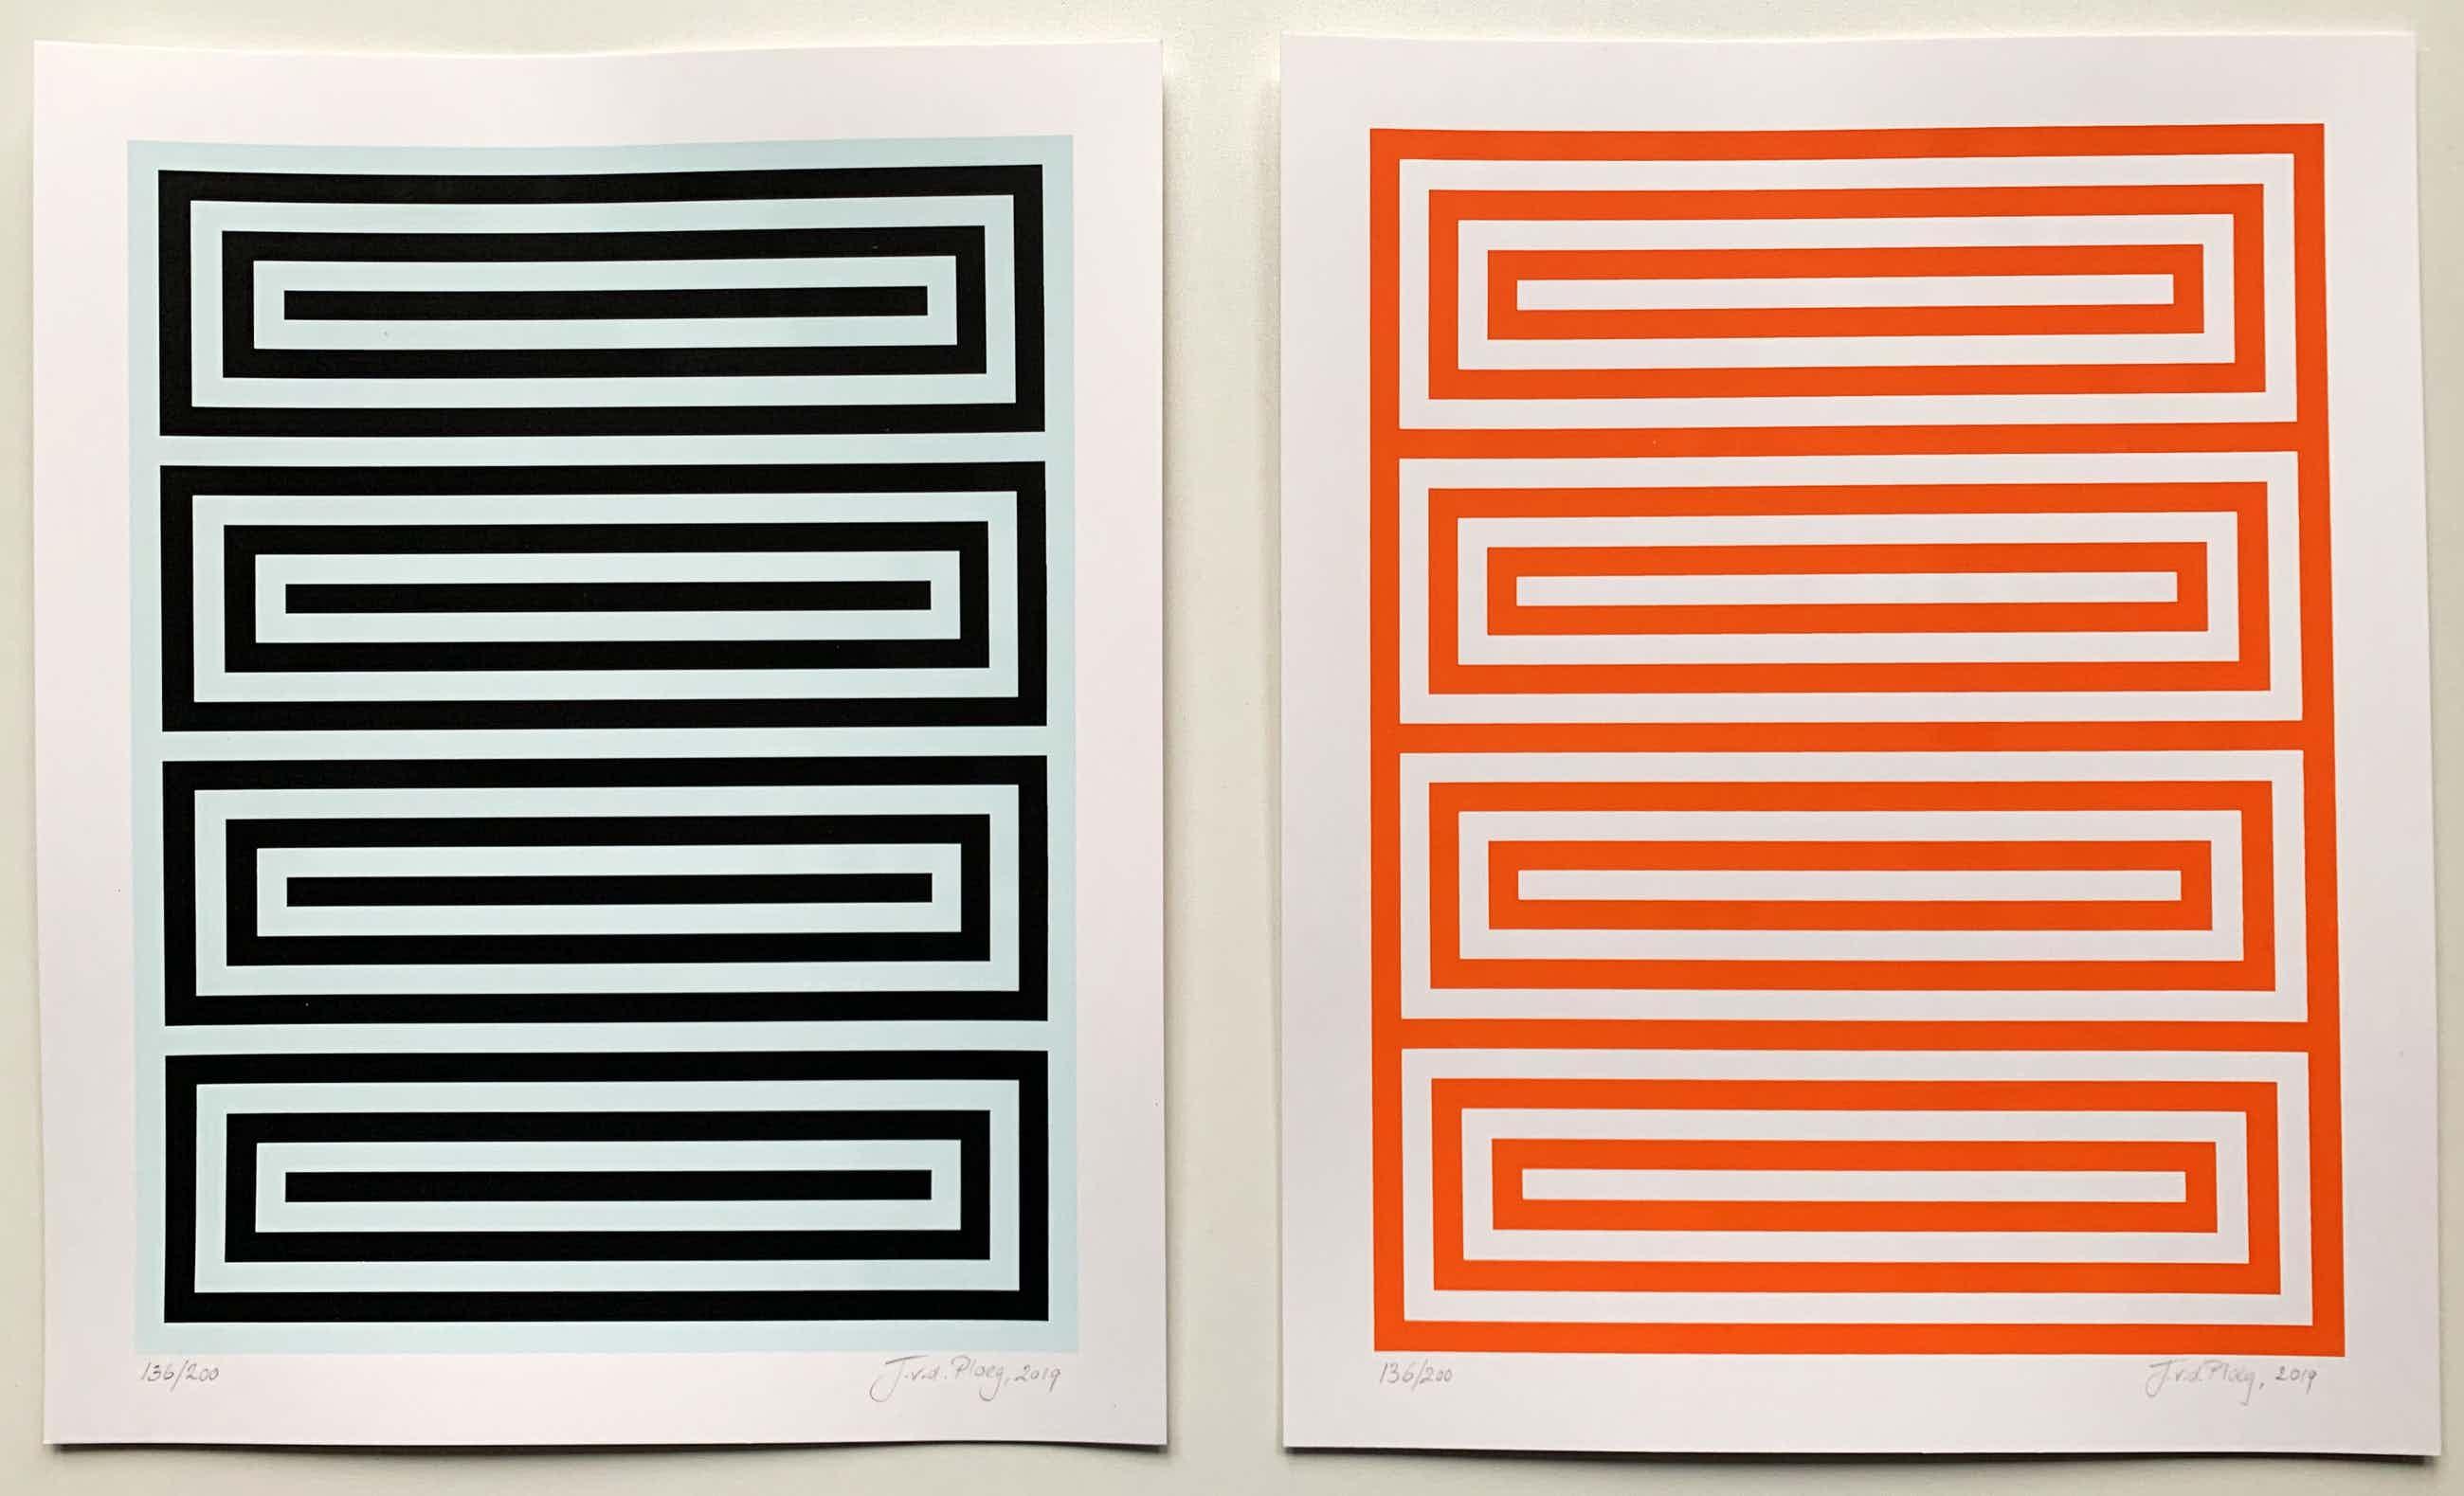 Jan van der Ploeg - Set van twee handgesigneerde kleurenzeefdrukken - zonder titel - 2019 kopen? Bied vanaf 475!